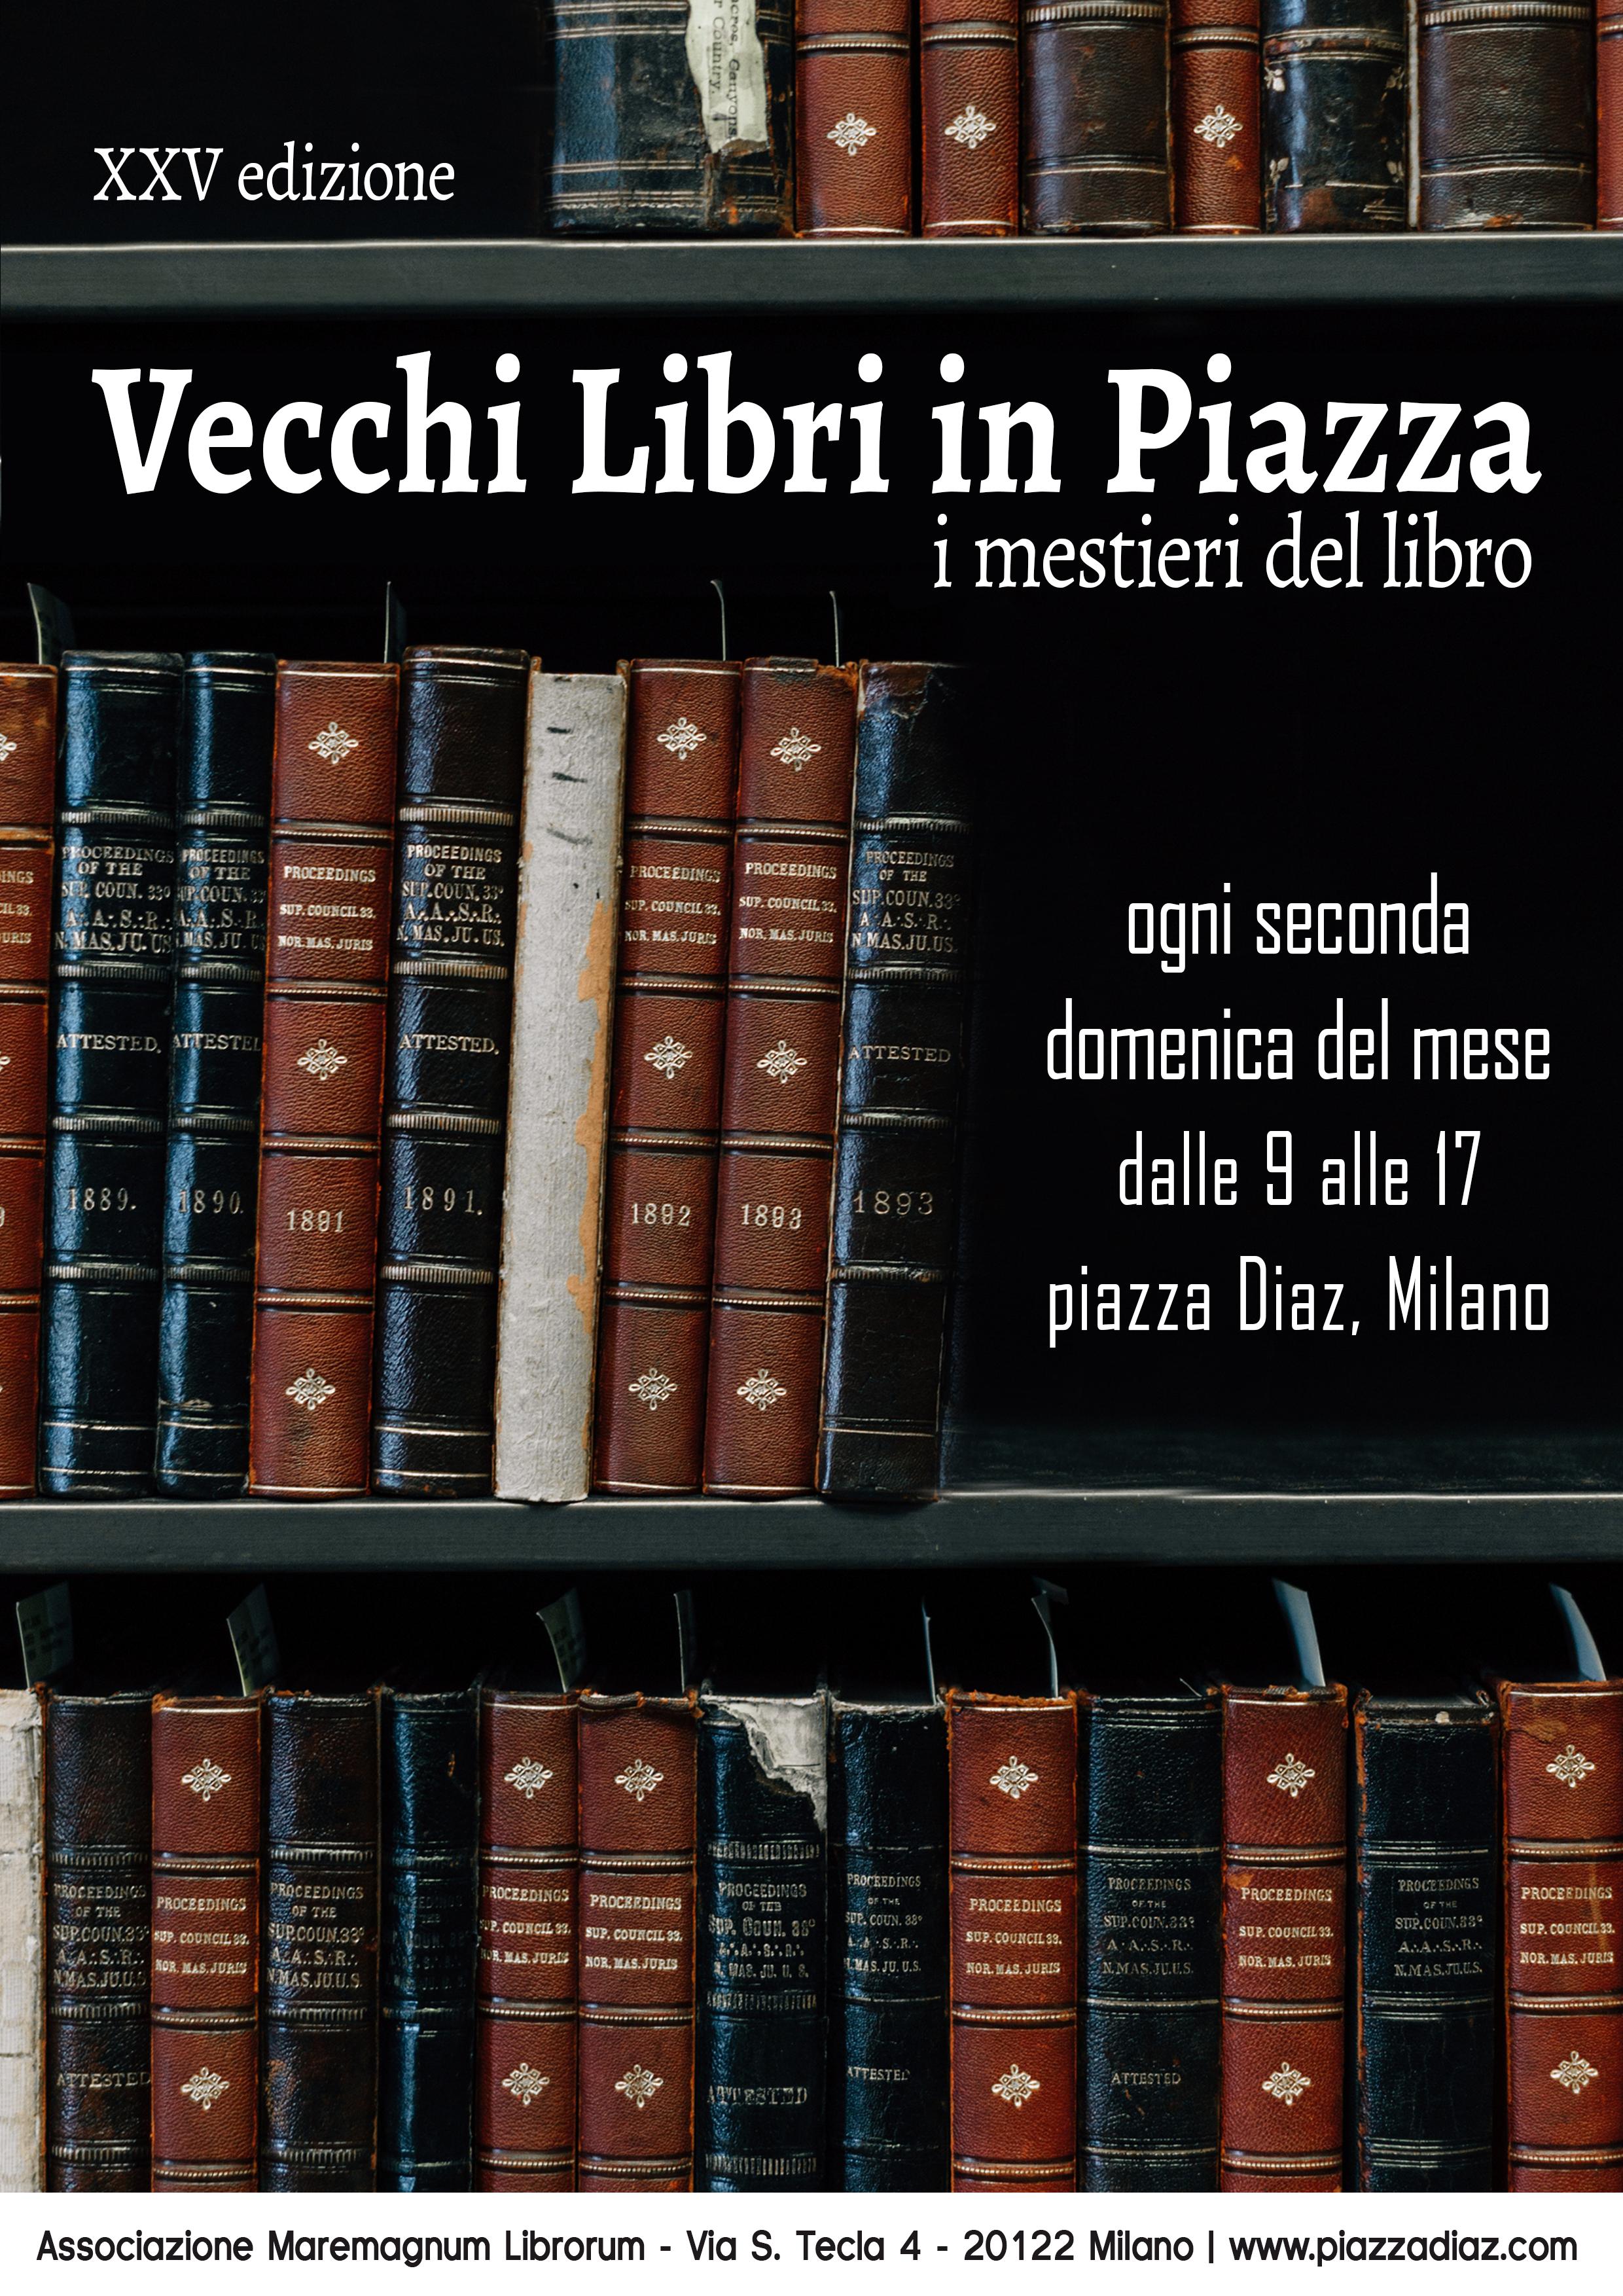 Vecchi libri in piazza 2019